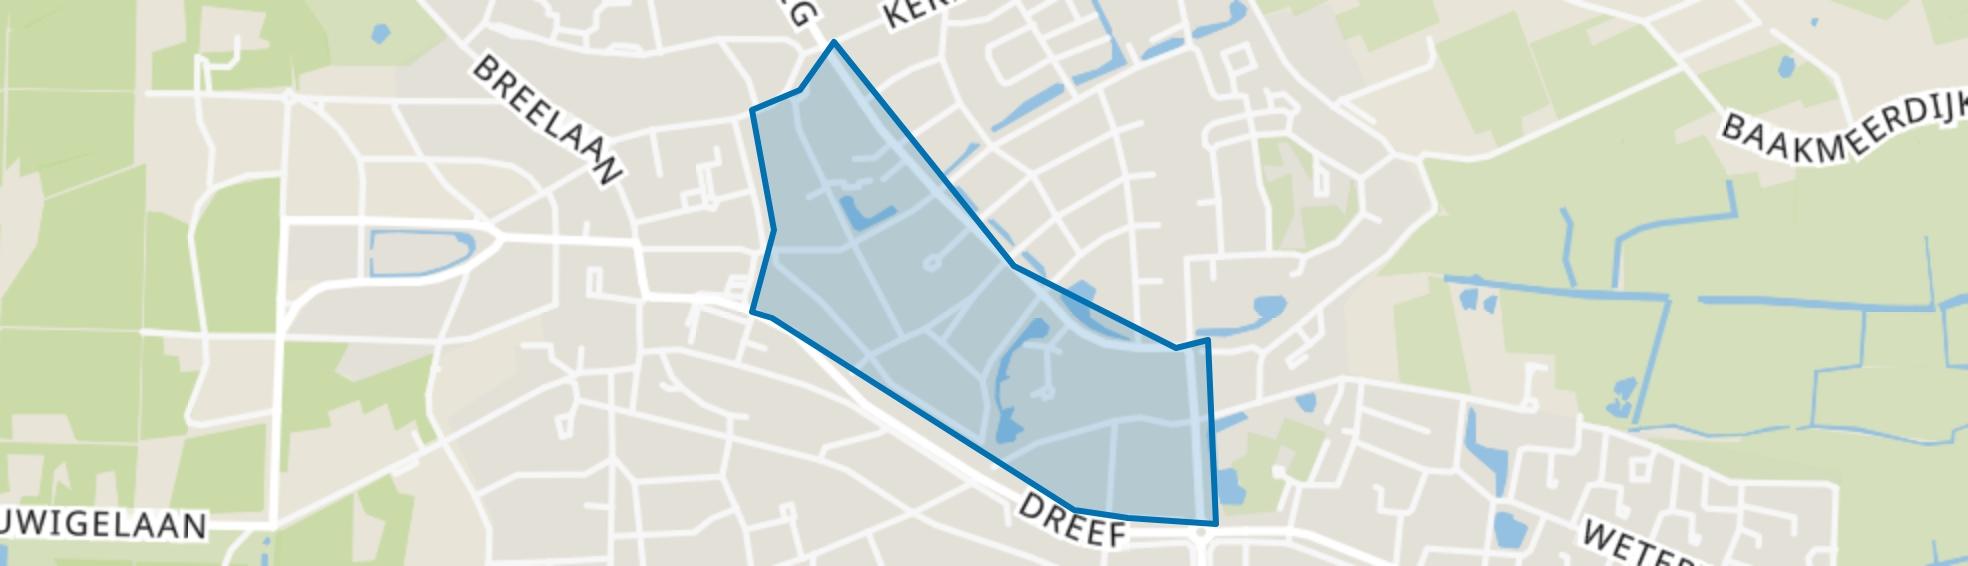 Elkshove, Bergen (NH) map